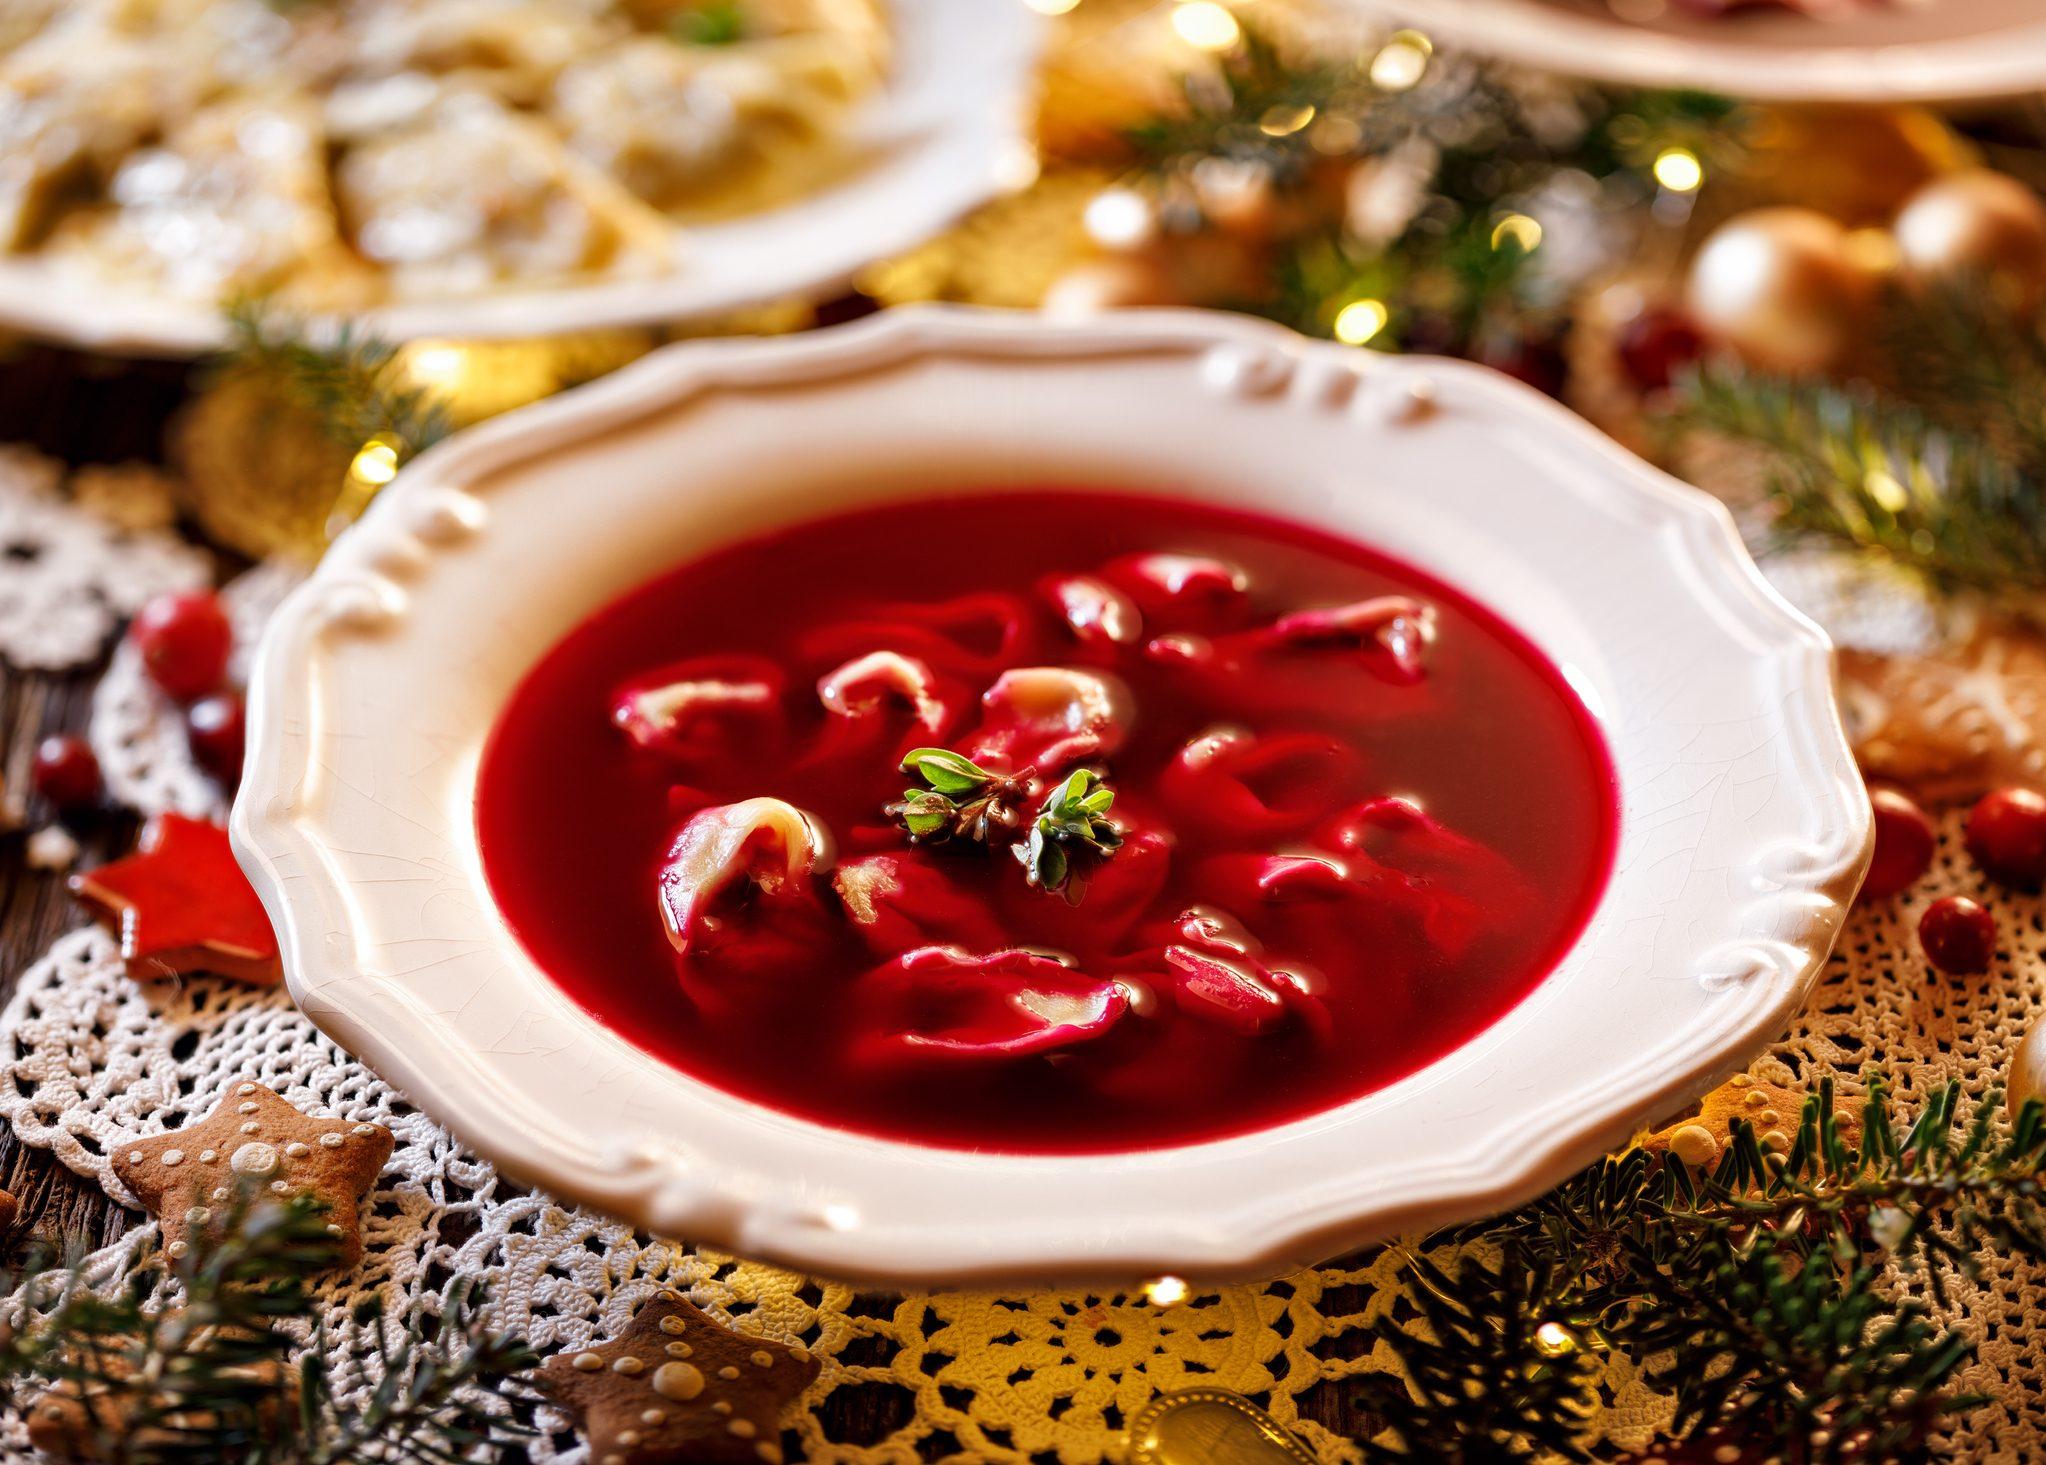 Il cenone infinito della vigilia di Natale in Polonia: 12 portate, tantissimo simbolismo